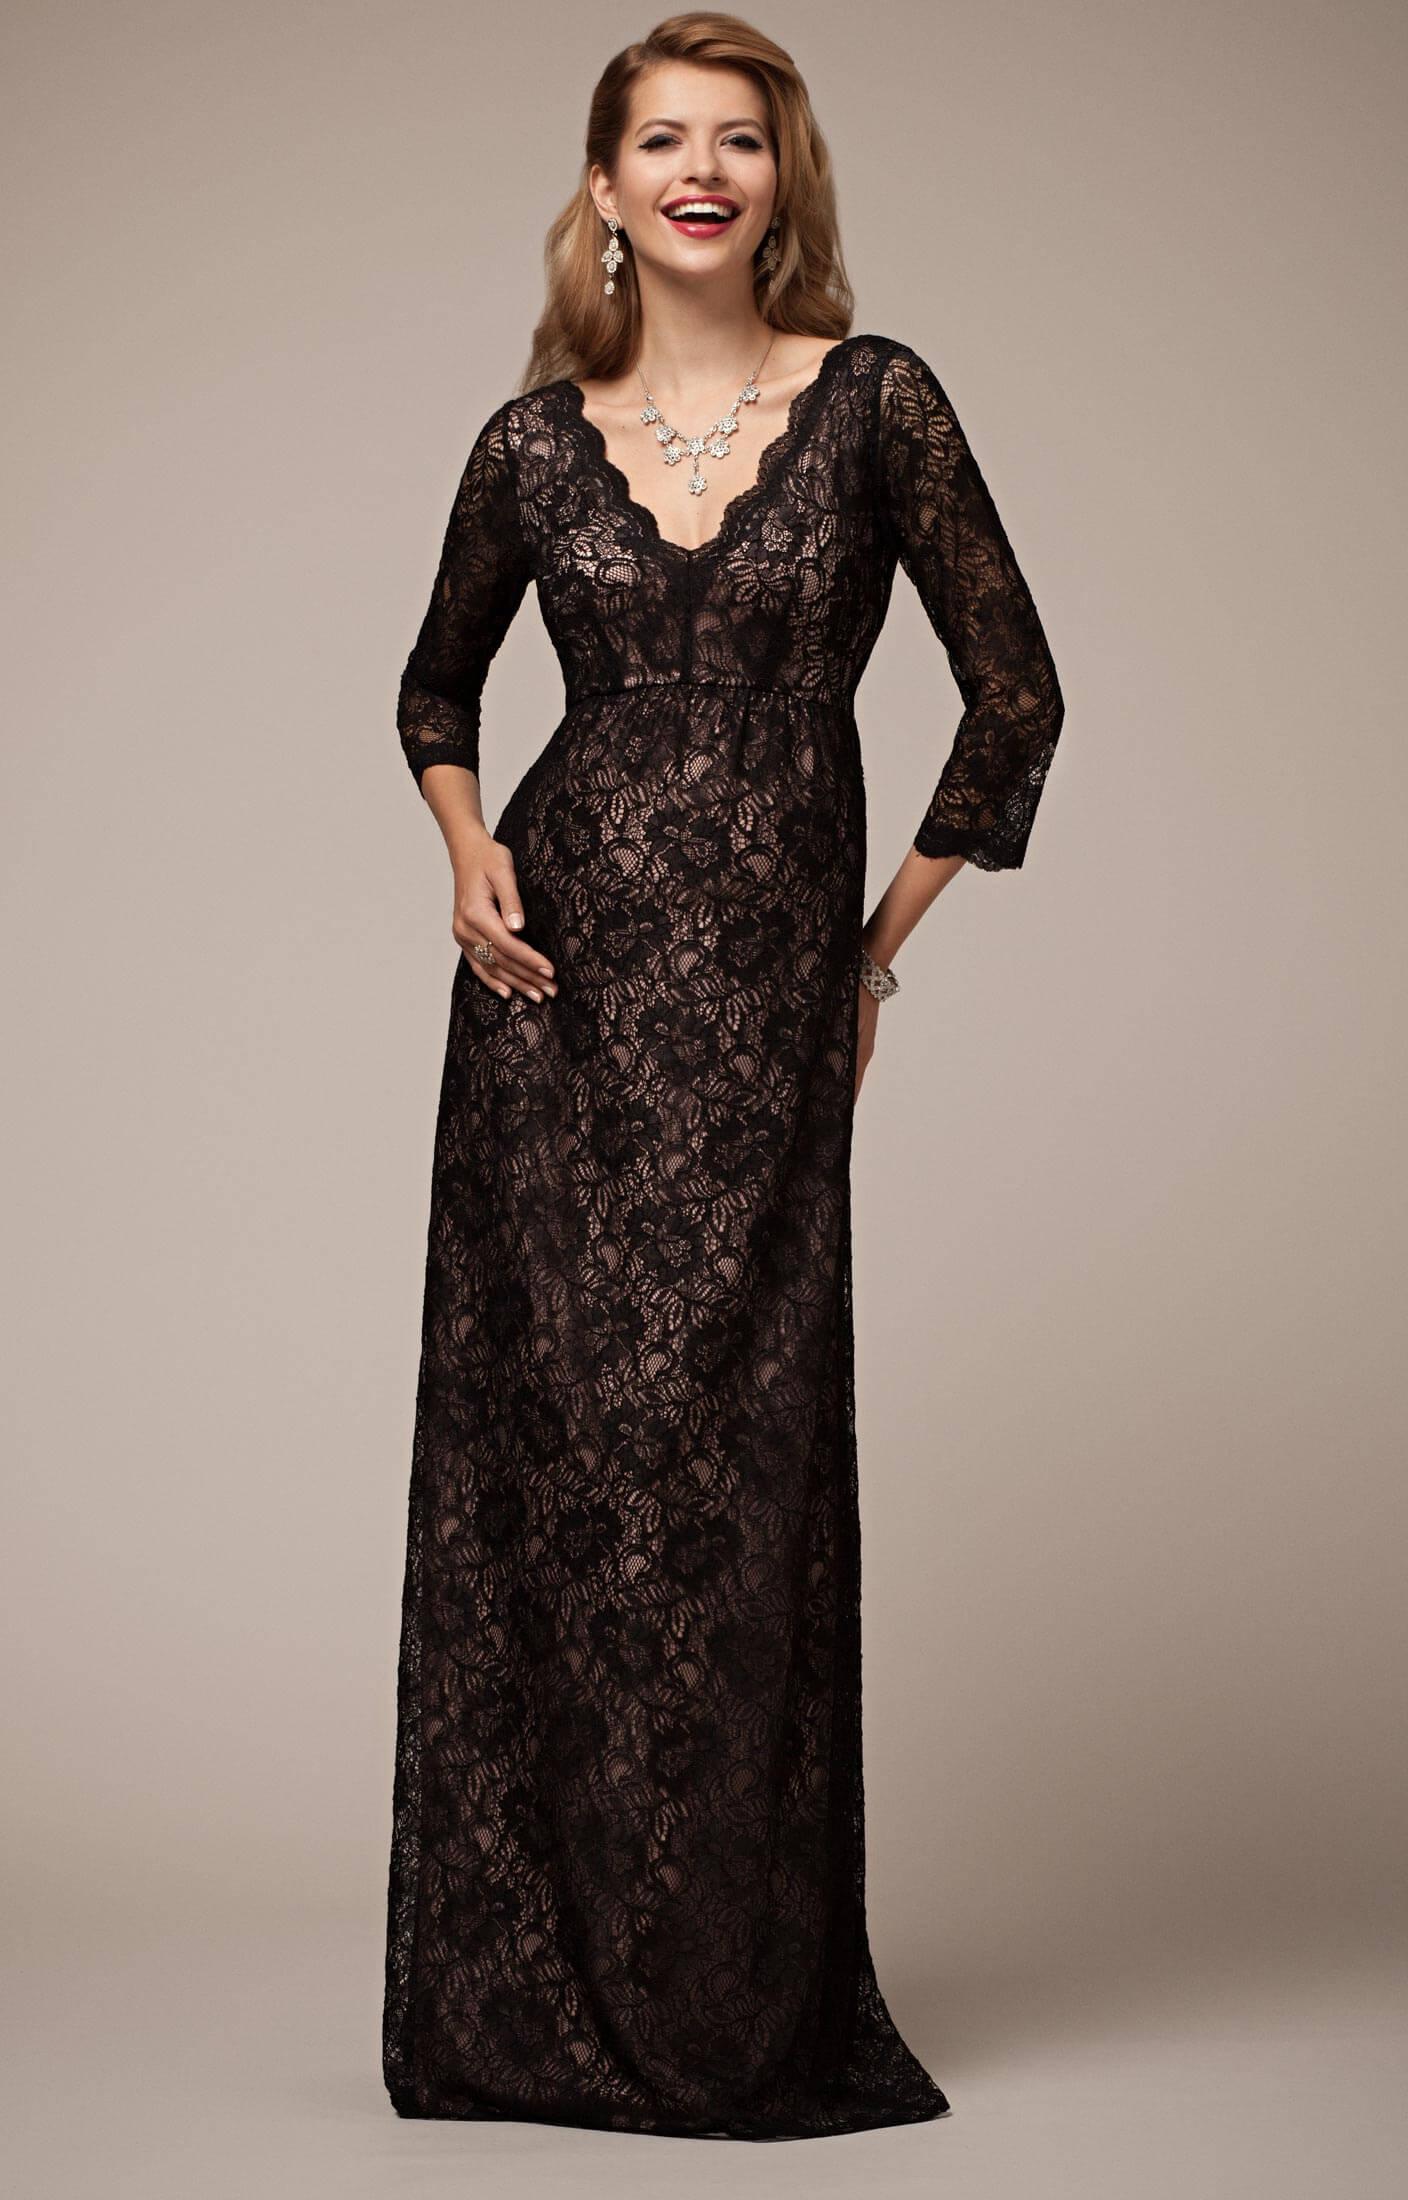 meilleur site web 439e0 ba8c9 Robe en Dentelle Chloé Longue Noir Poudré - Robes de maternité de mariée,  tenues de maternité de soirée et vêtements pour soirée de Tiffany Rose